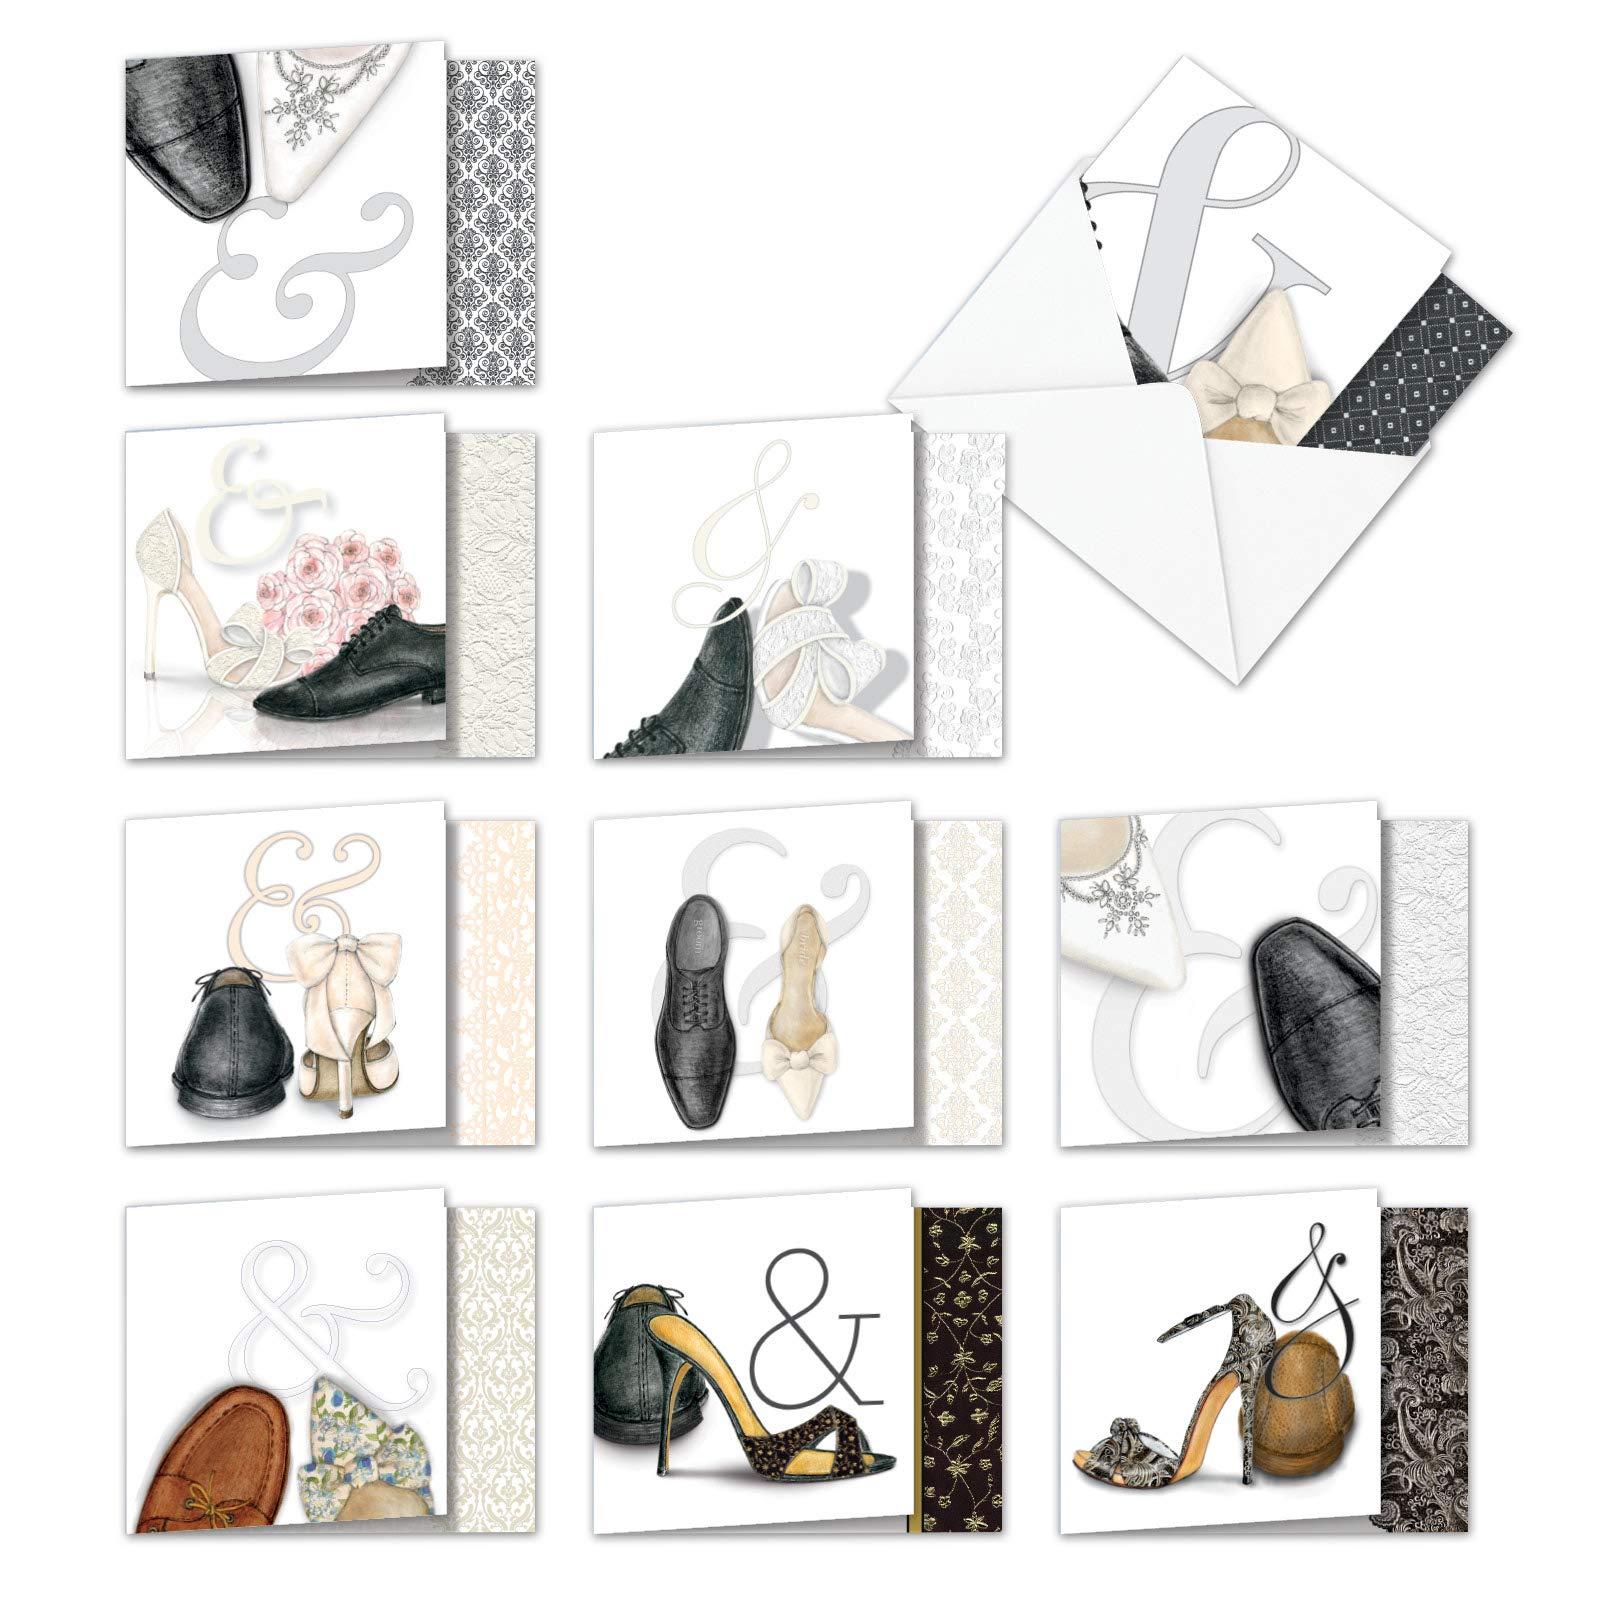 """AMQ5068WYG-B1x10 单单只 - 婚礼 谢谢:10 张新""""方形上""""贺卡,特色男女结婚鞋配对,信封(10 种设计,尺寸:10.16 x 12.70 厘米)"""